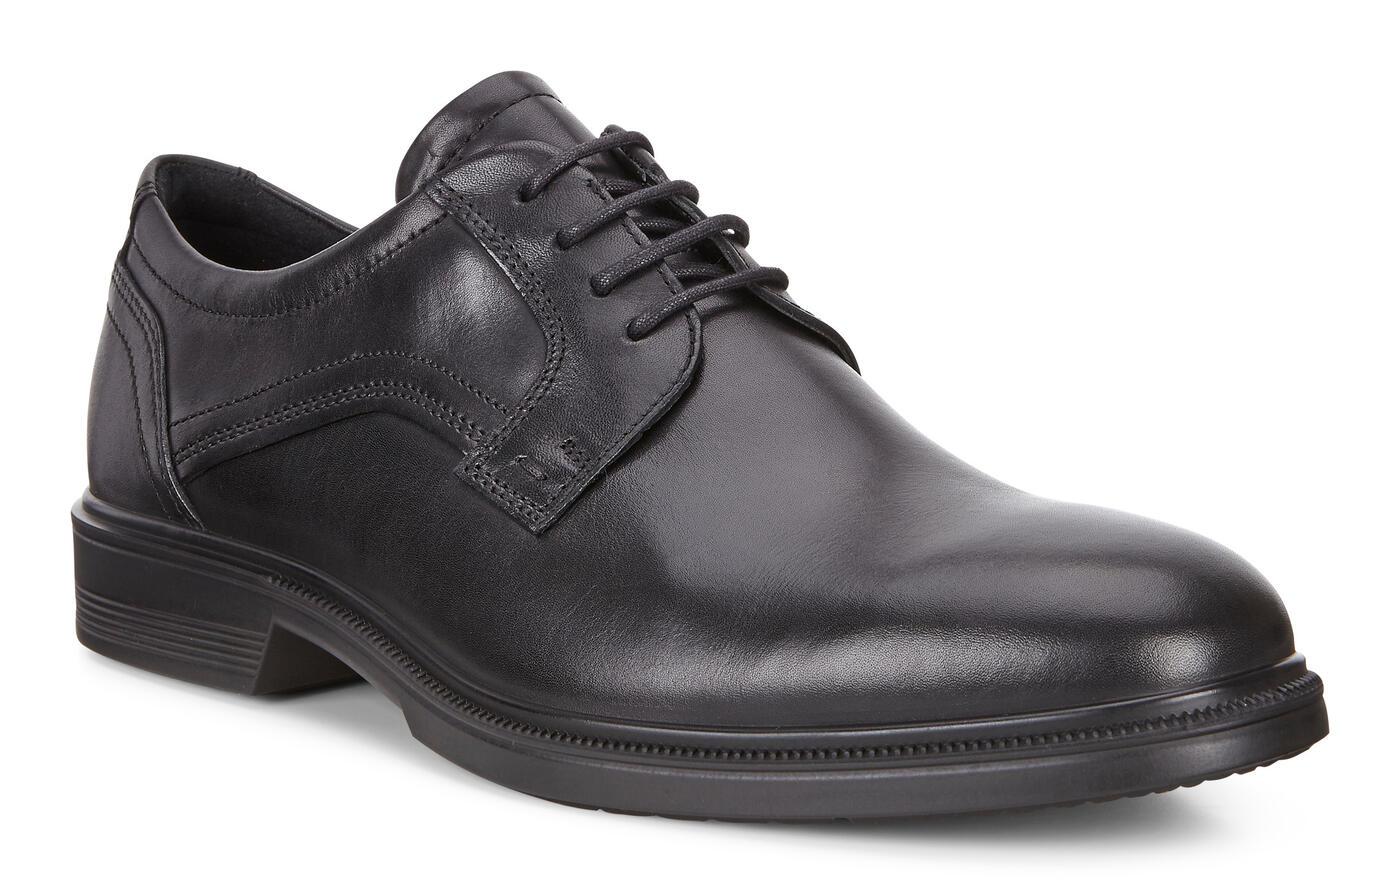 ECCO Lisbon Plain Toe Derby Shoes